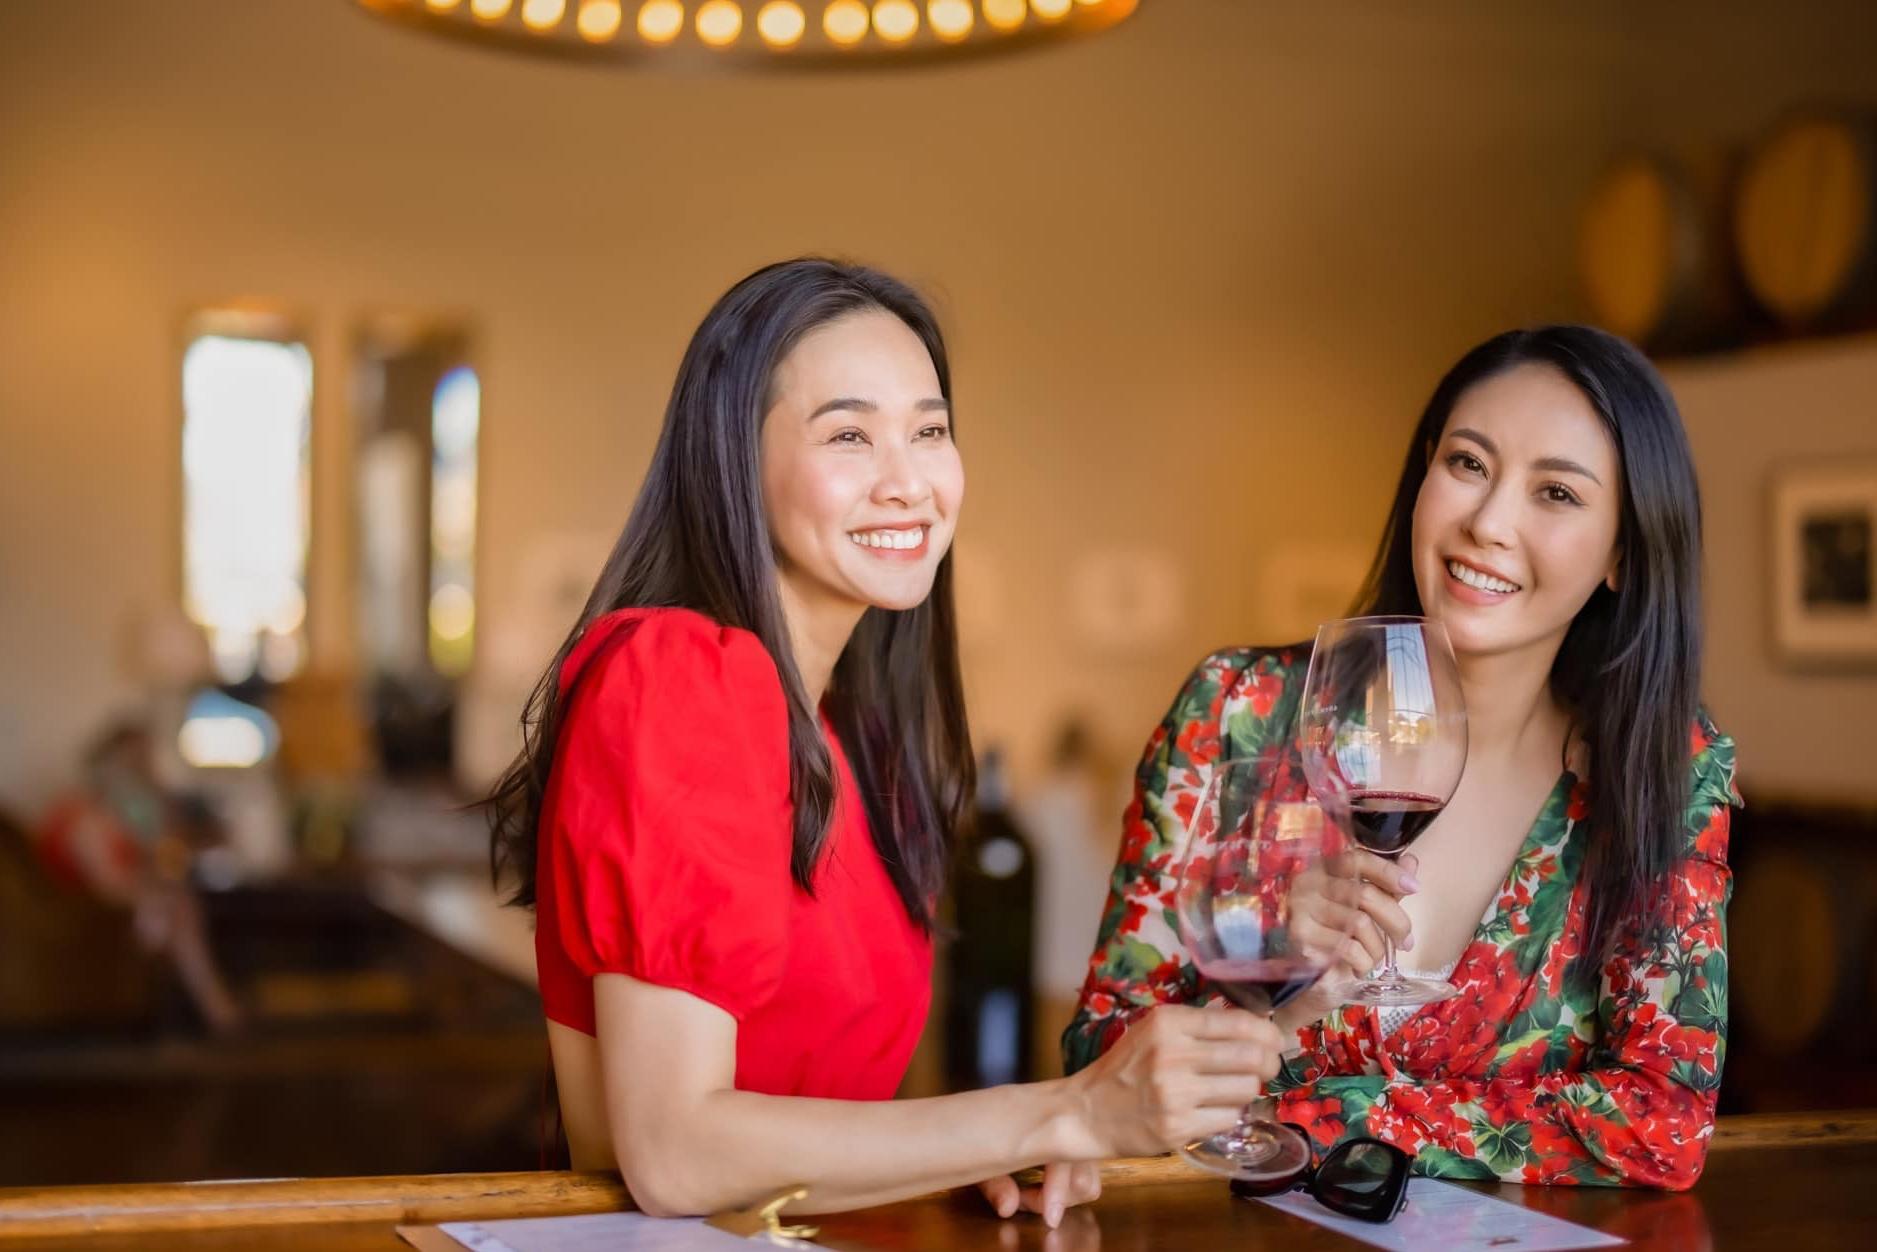 Dương Mỹ Linh và Hà Kiều Anh có mối quan hệ thân thiết nhiều năm qua. Mỗi khi đi chơi cùng nhau, họ đều ghi lại những hình ảnh kỷ niệm.